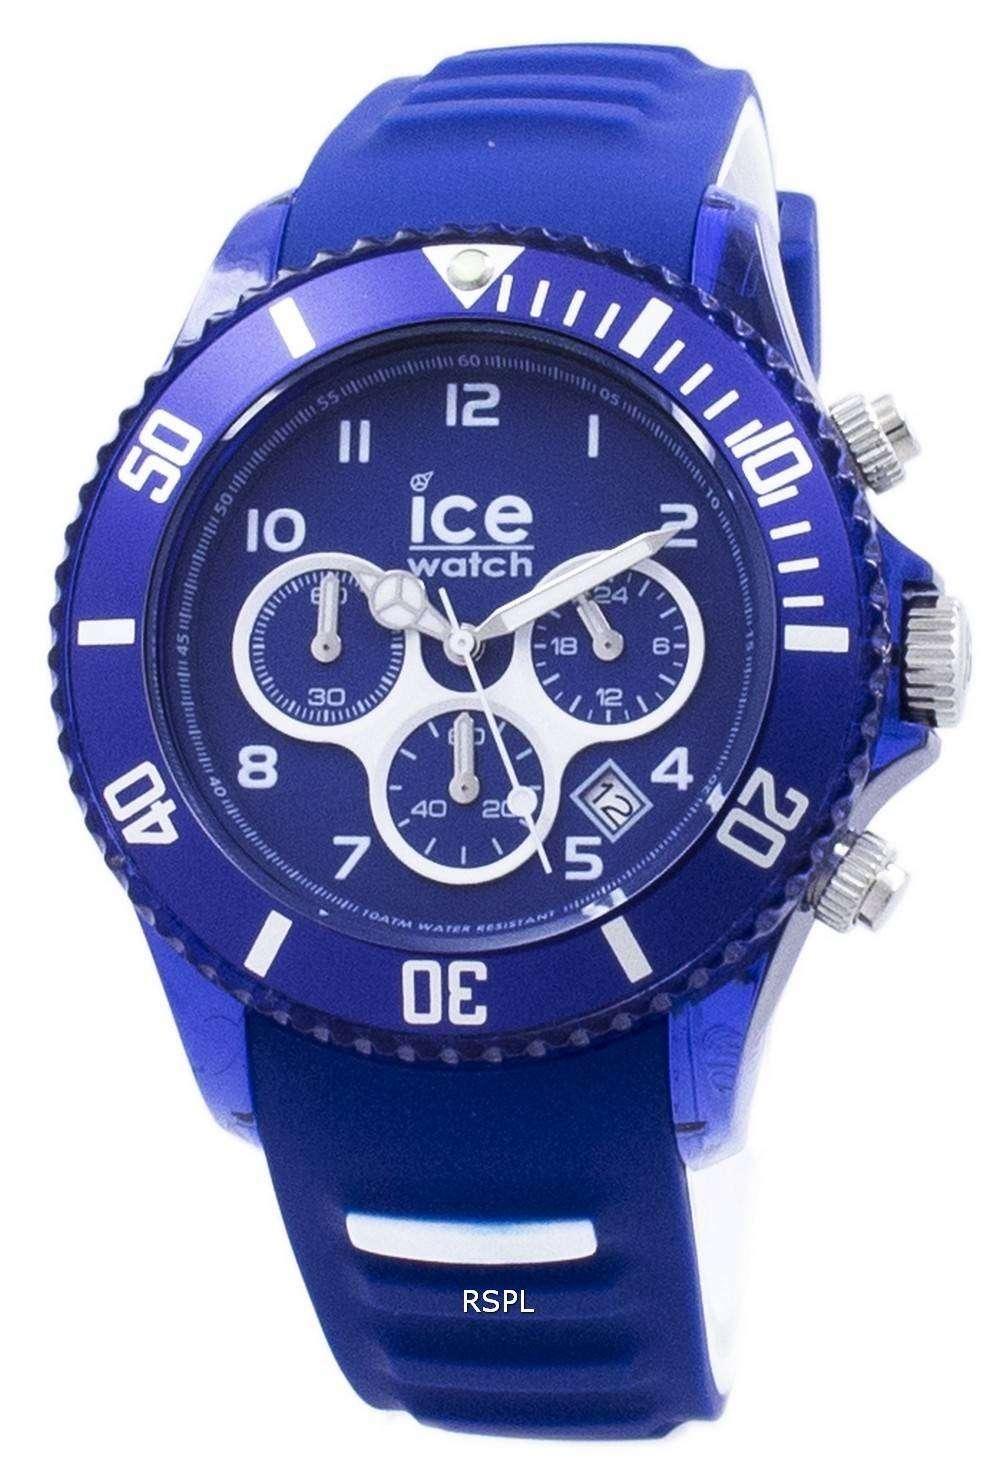 氷アクア海洋大クロノグラフ クォーツ 012734 メンズ腕時計